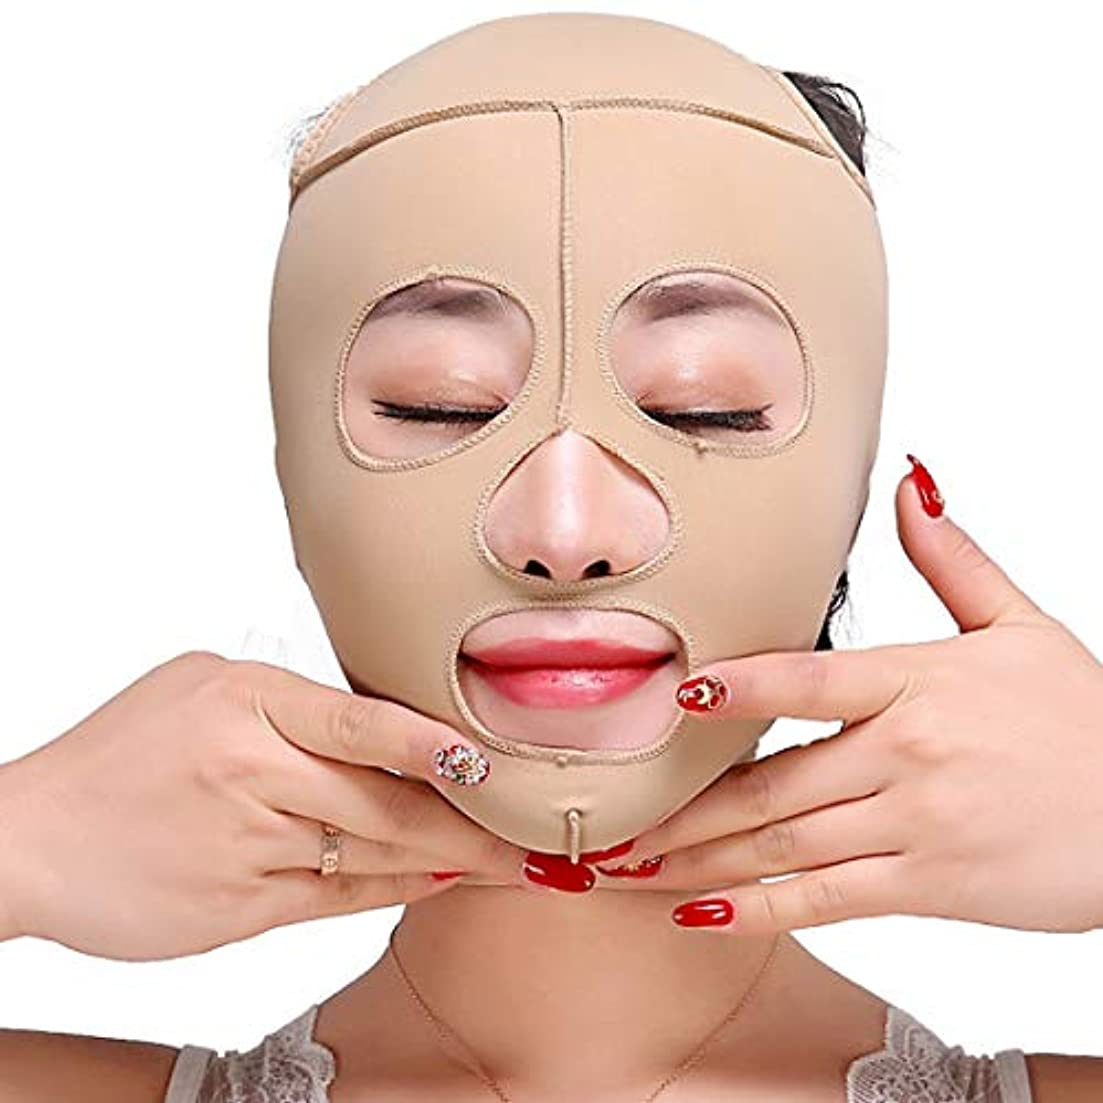 センチメートルヒゲフレームワークZWBD フェイスマスク, フェイスリフティング包帯Vフェイスリフティングと締め付けフェイスリフティングマスクラインカービングヘッドカバー術後回復顔整形包帯